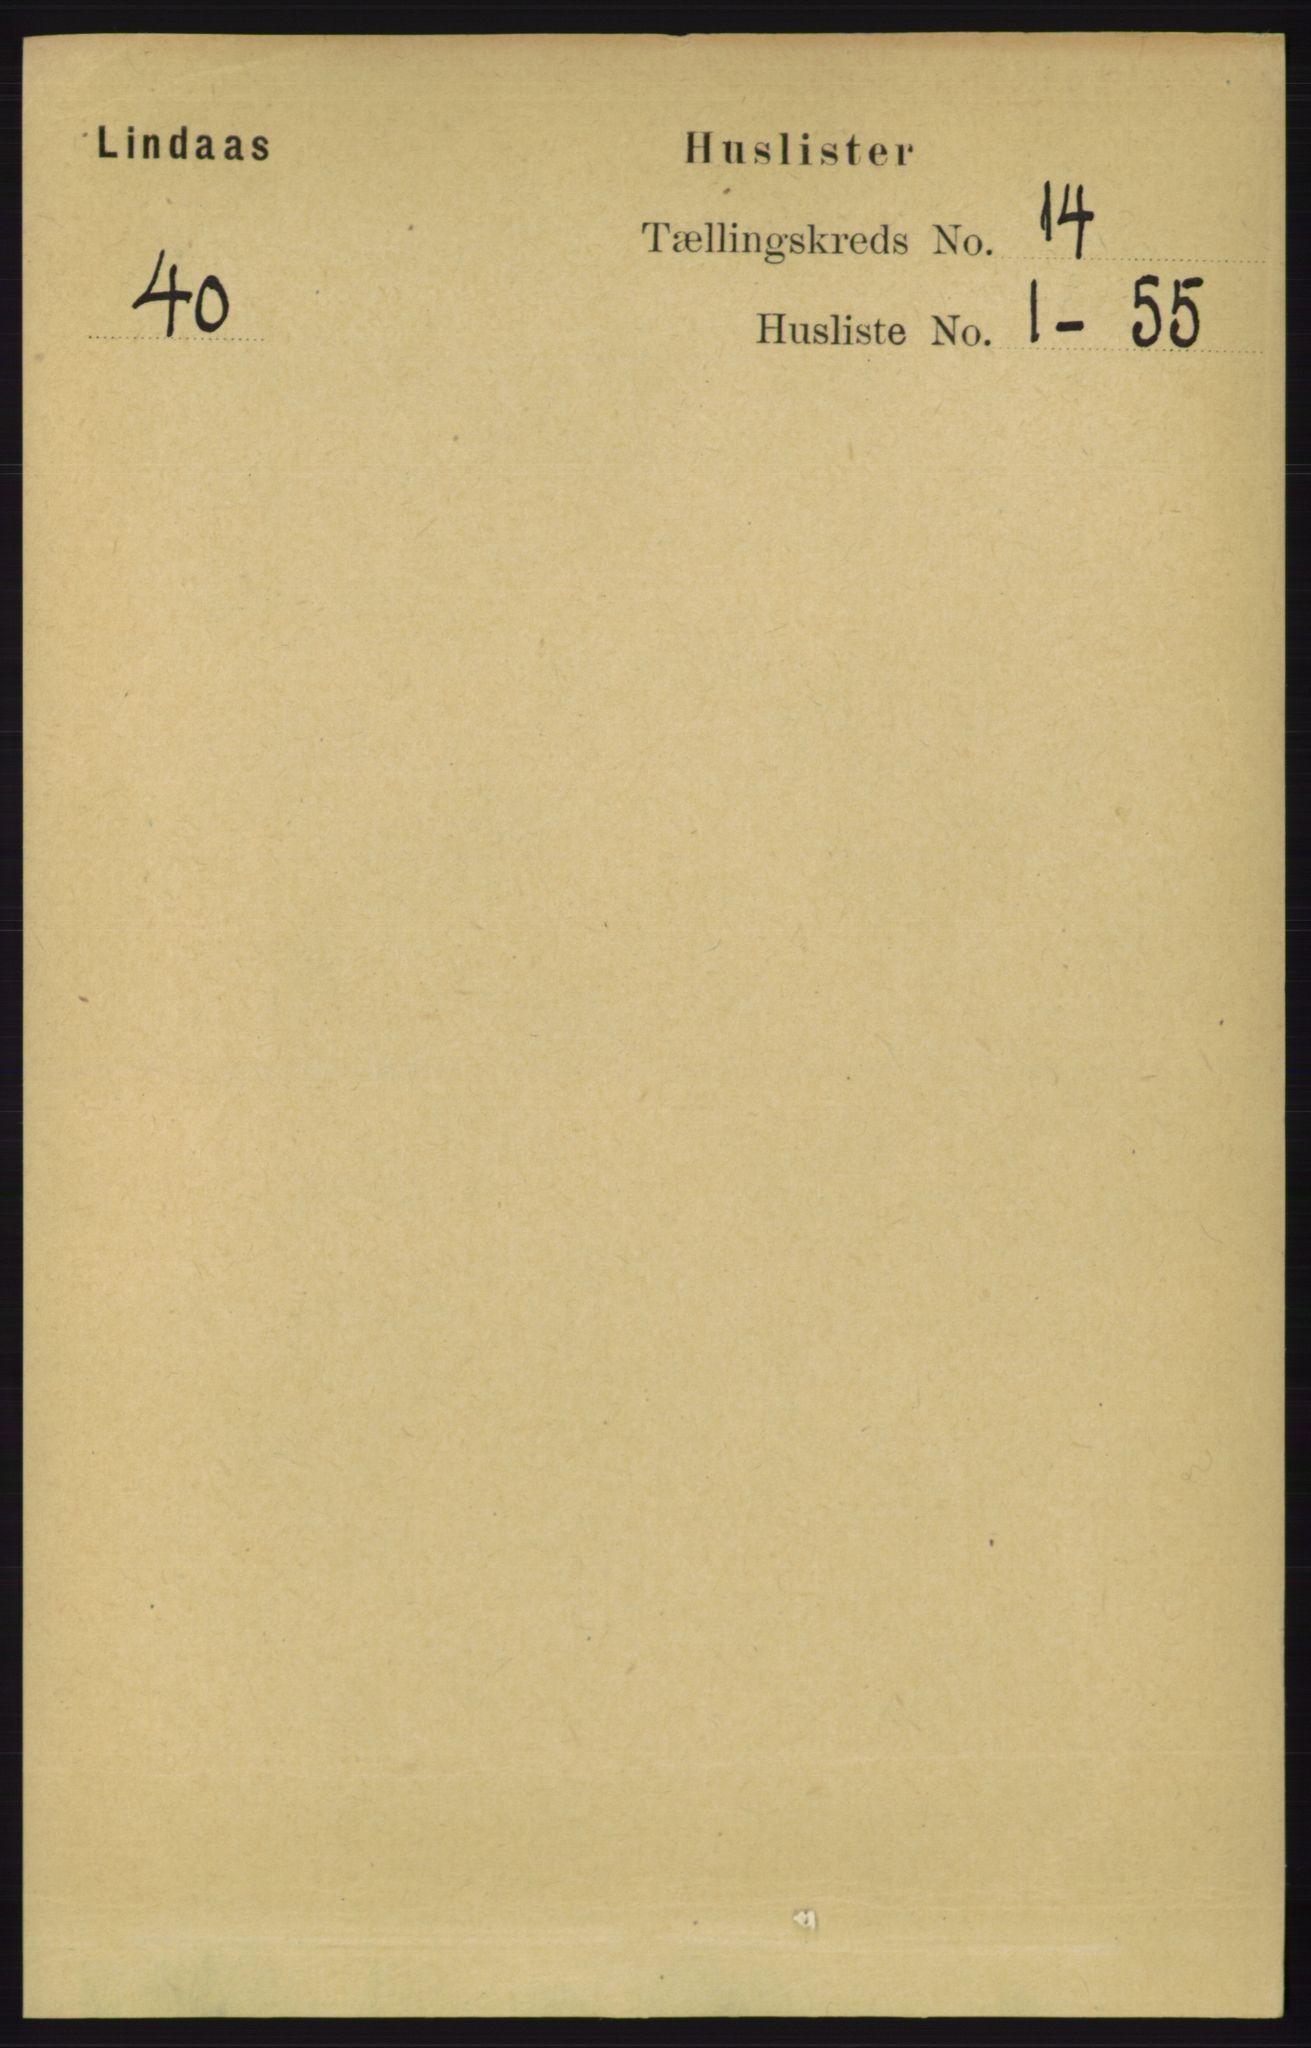 RA, Folketelling 1891 for 1263 Lindås herred, 1891, s. 4835